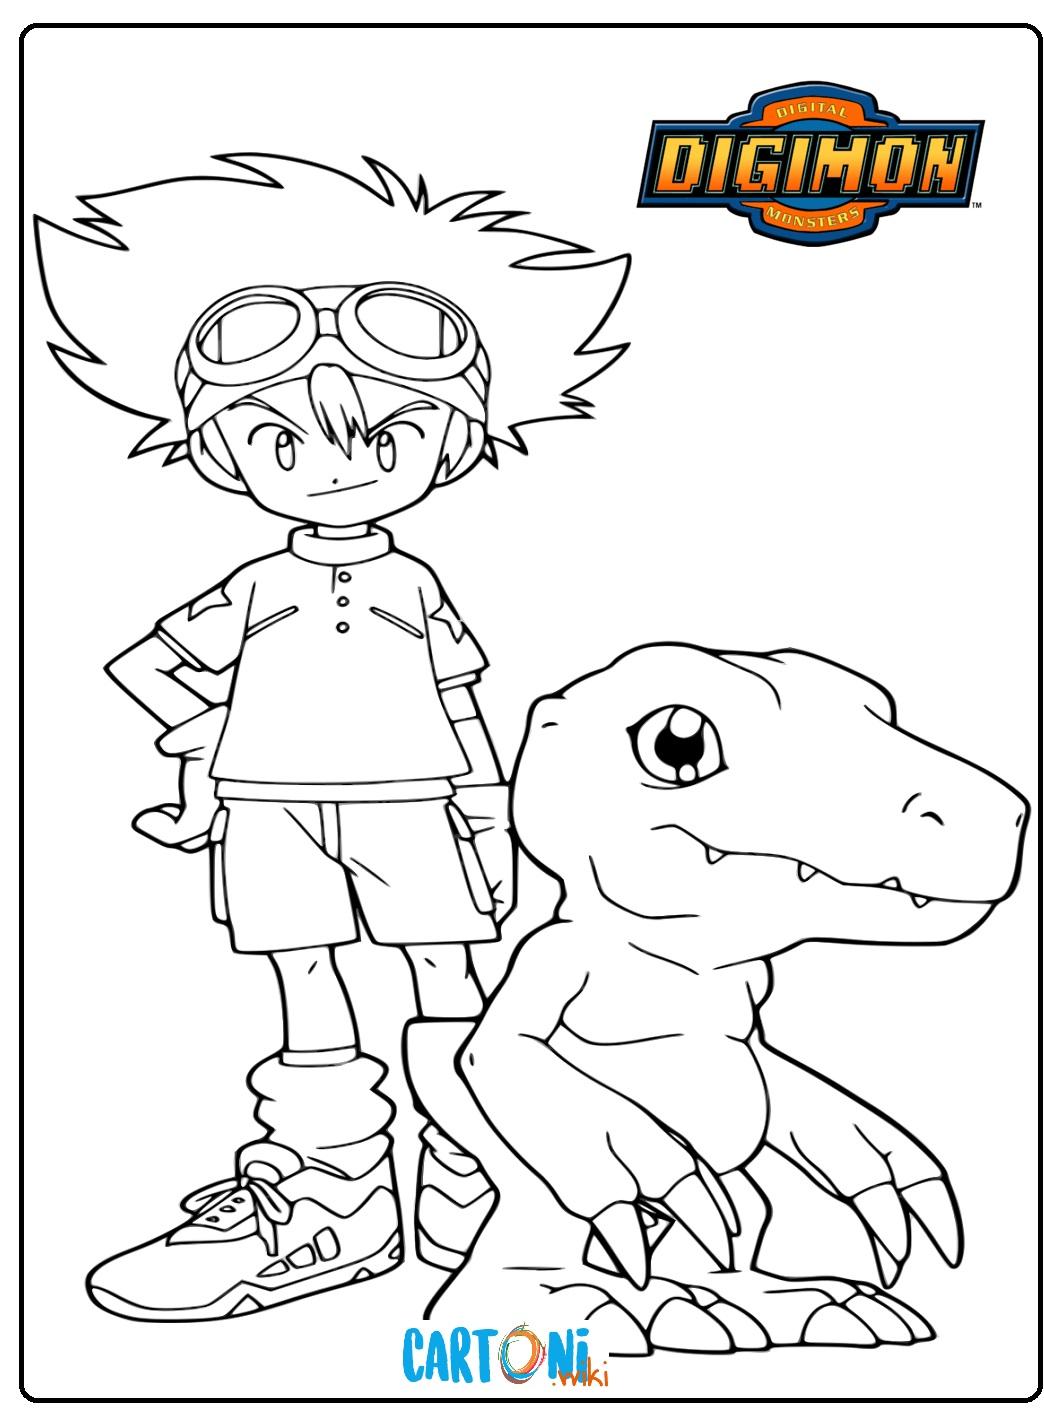 Disegni Digimon Colora Tay Kamiya e Agumon - Stampa e colora